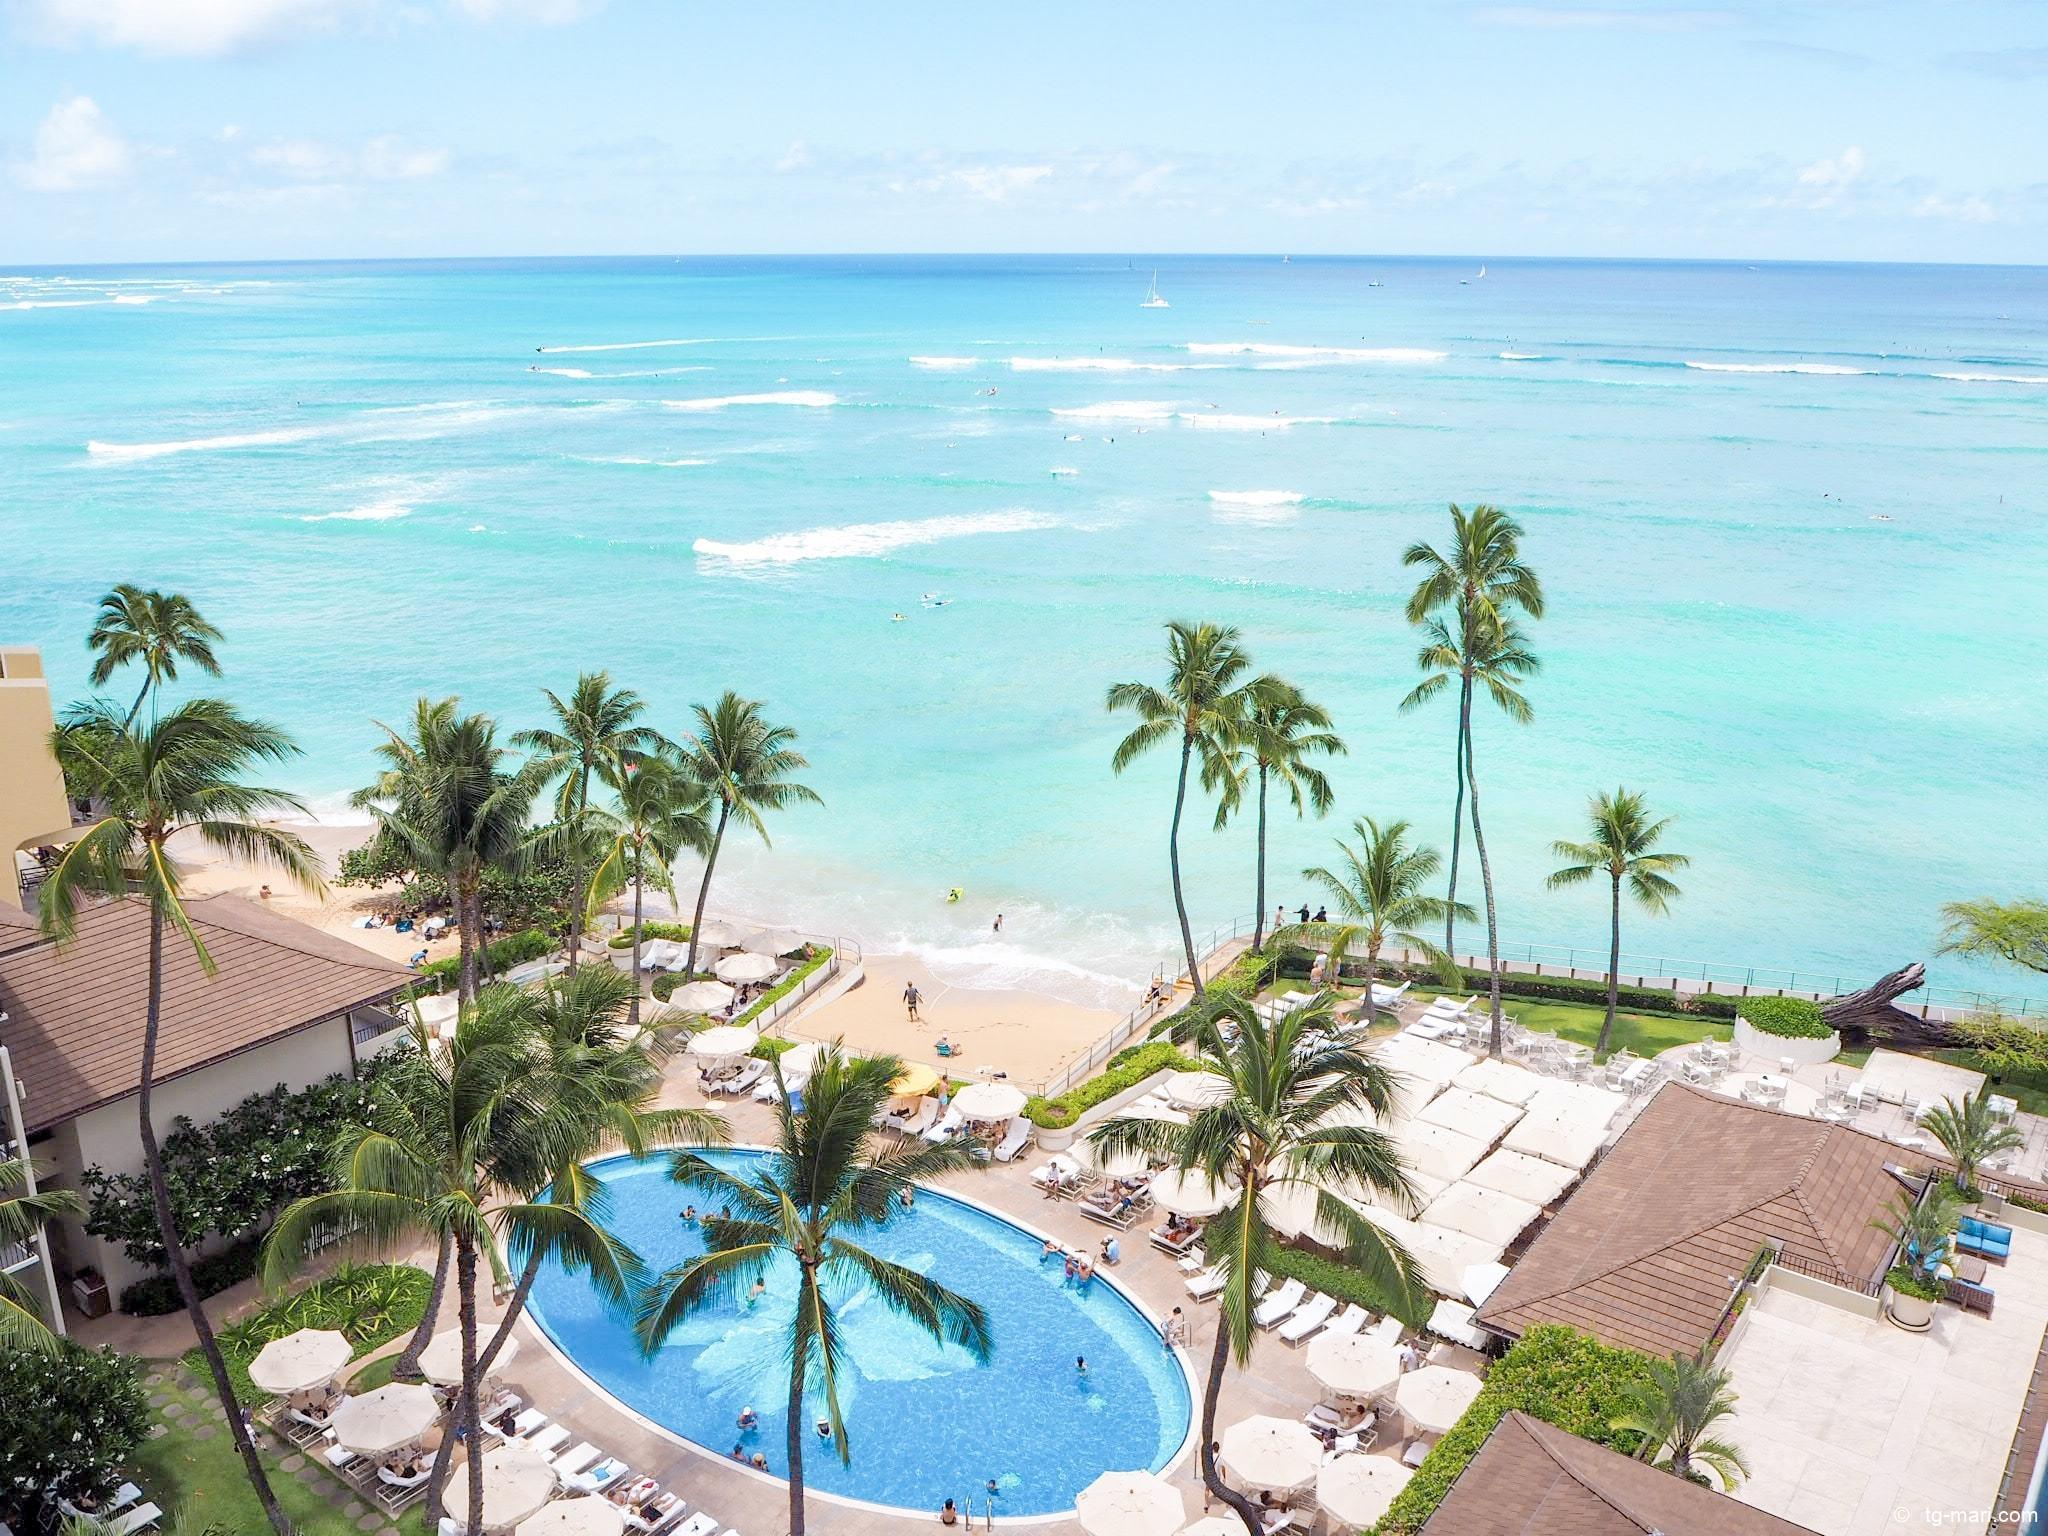 ハワイのハレクラニ